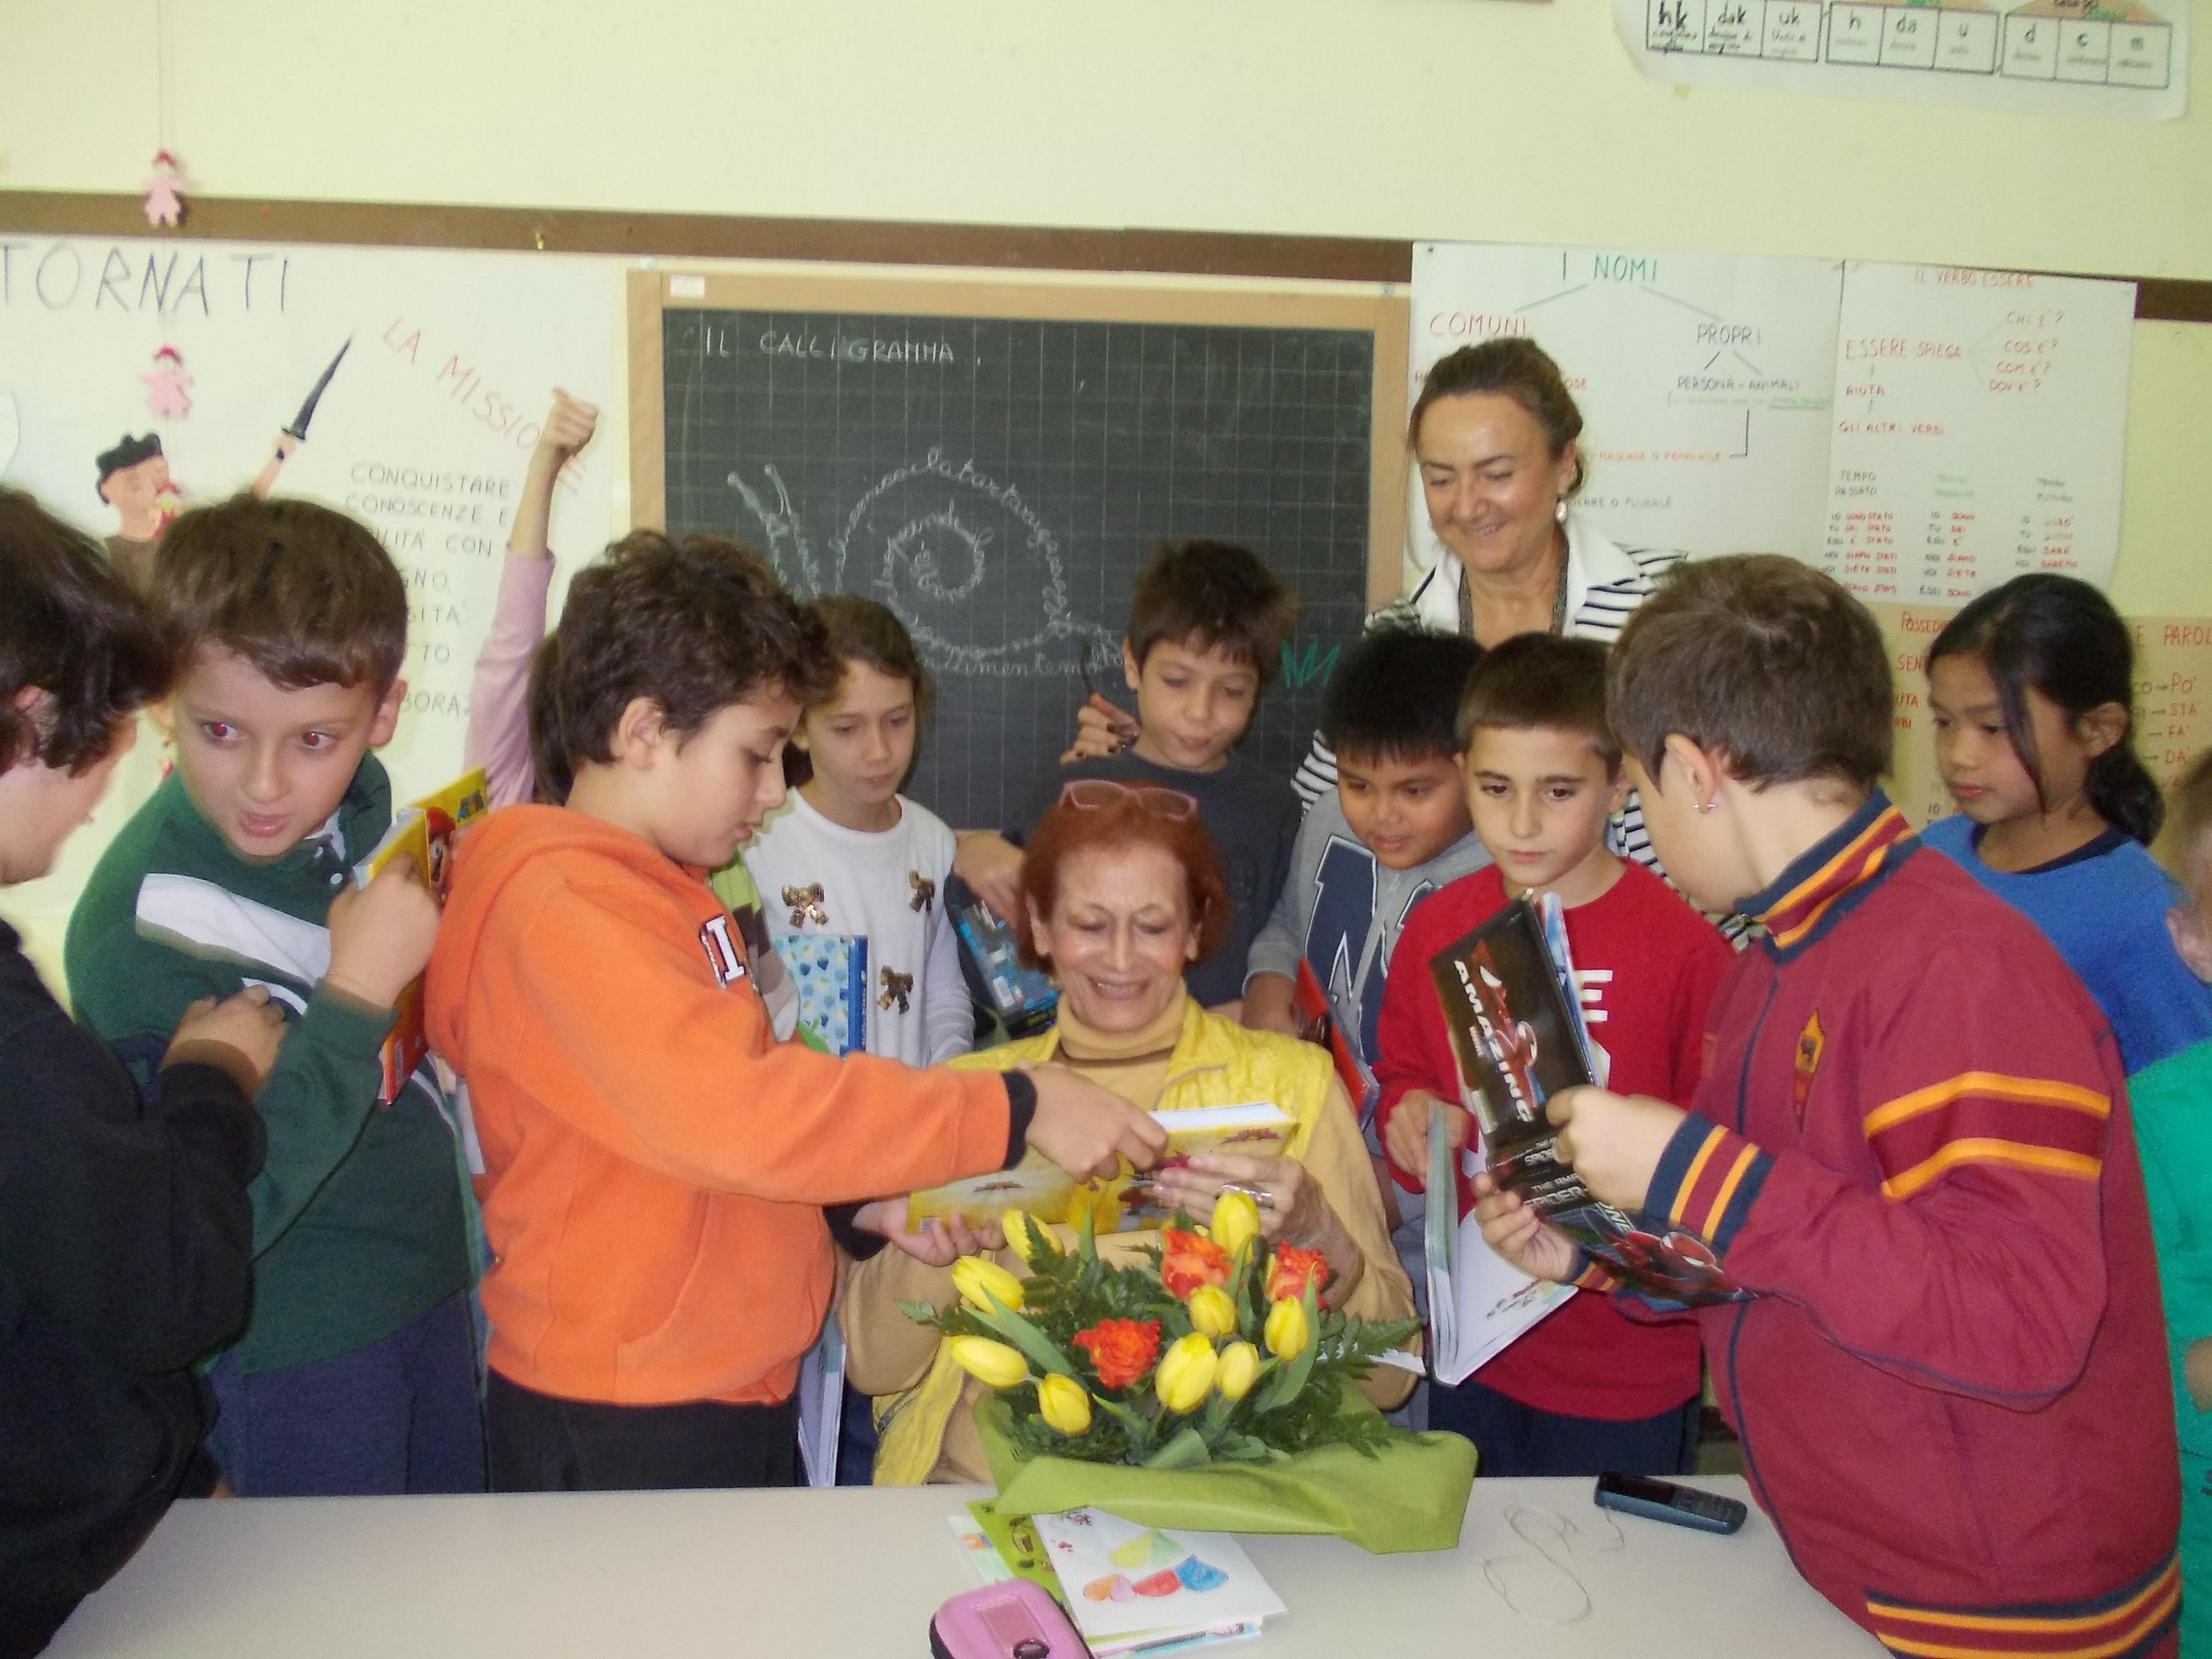 30 ott 2014-IV A della scuola Franco Cesana, Roma